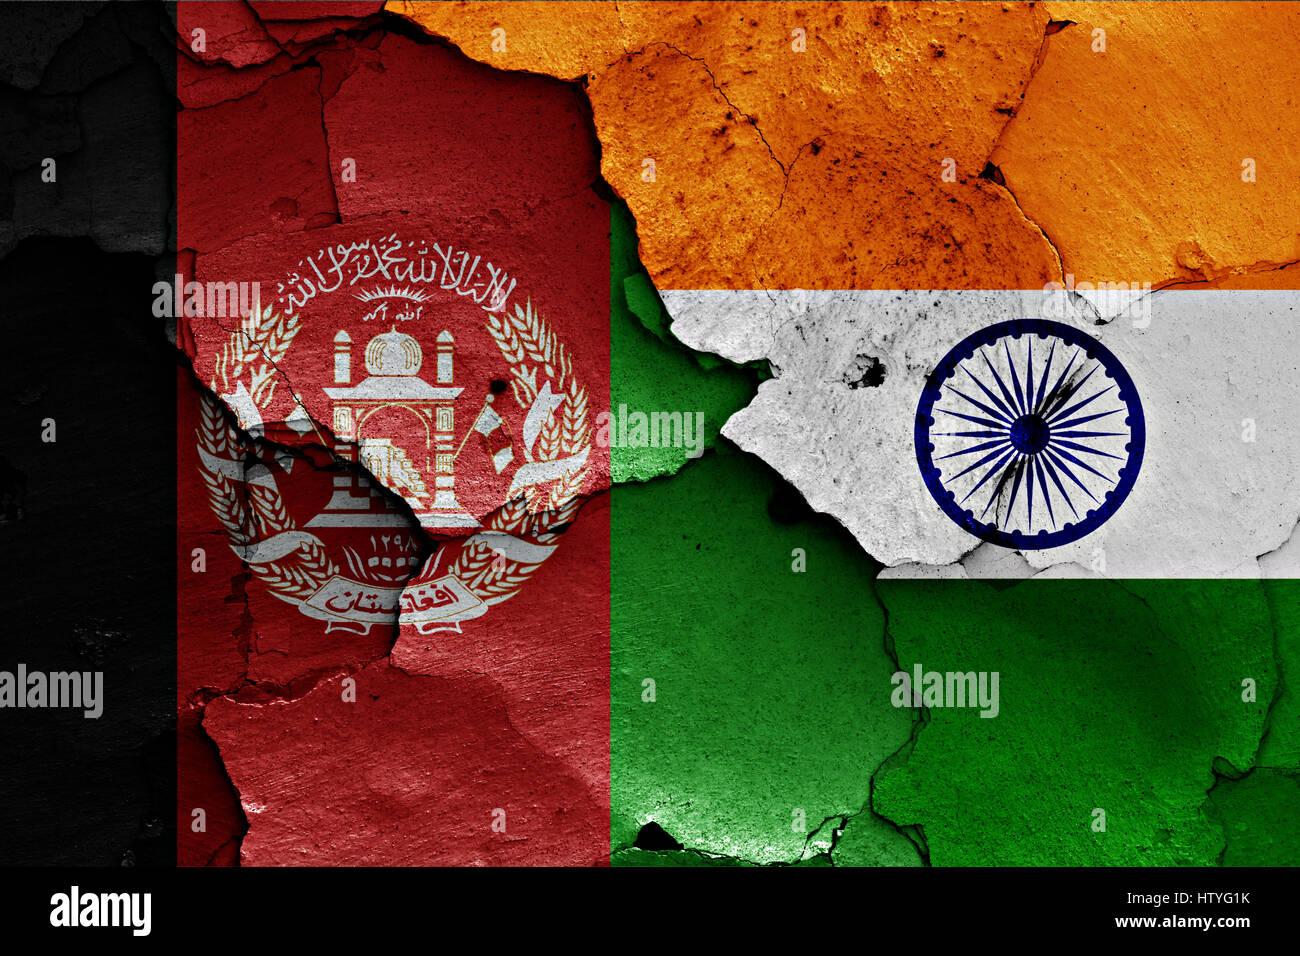 Flagge Von Afghanistan Und Indien Auf Rissige Wand Gemalt